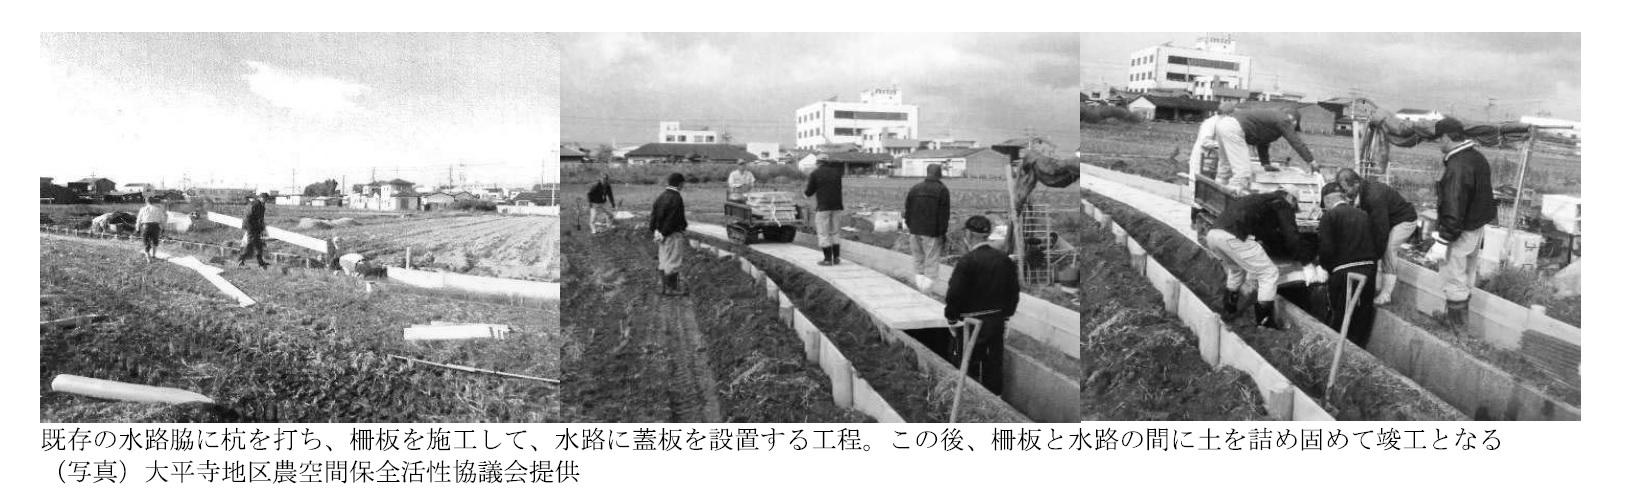 既存の水路脇に杭を打ち、柵板を施工して、水路に蓋板を設置する工程